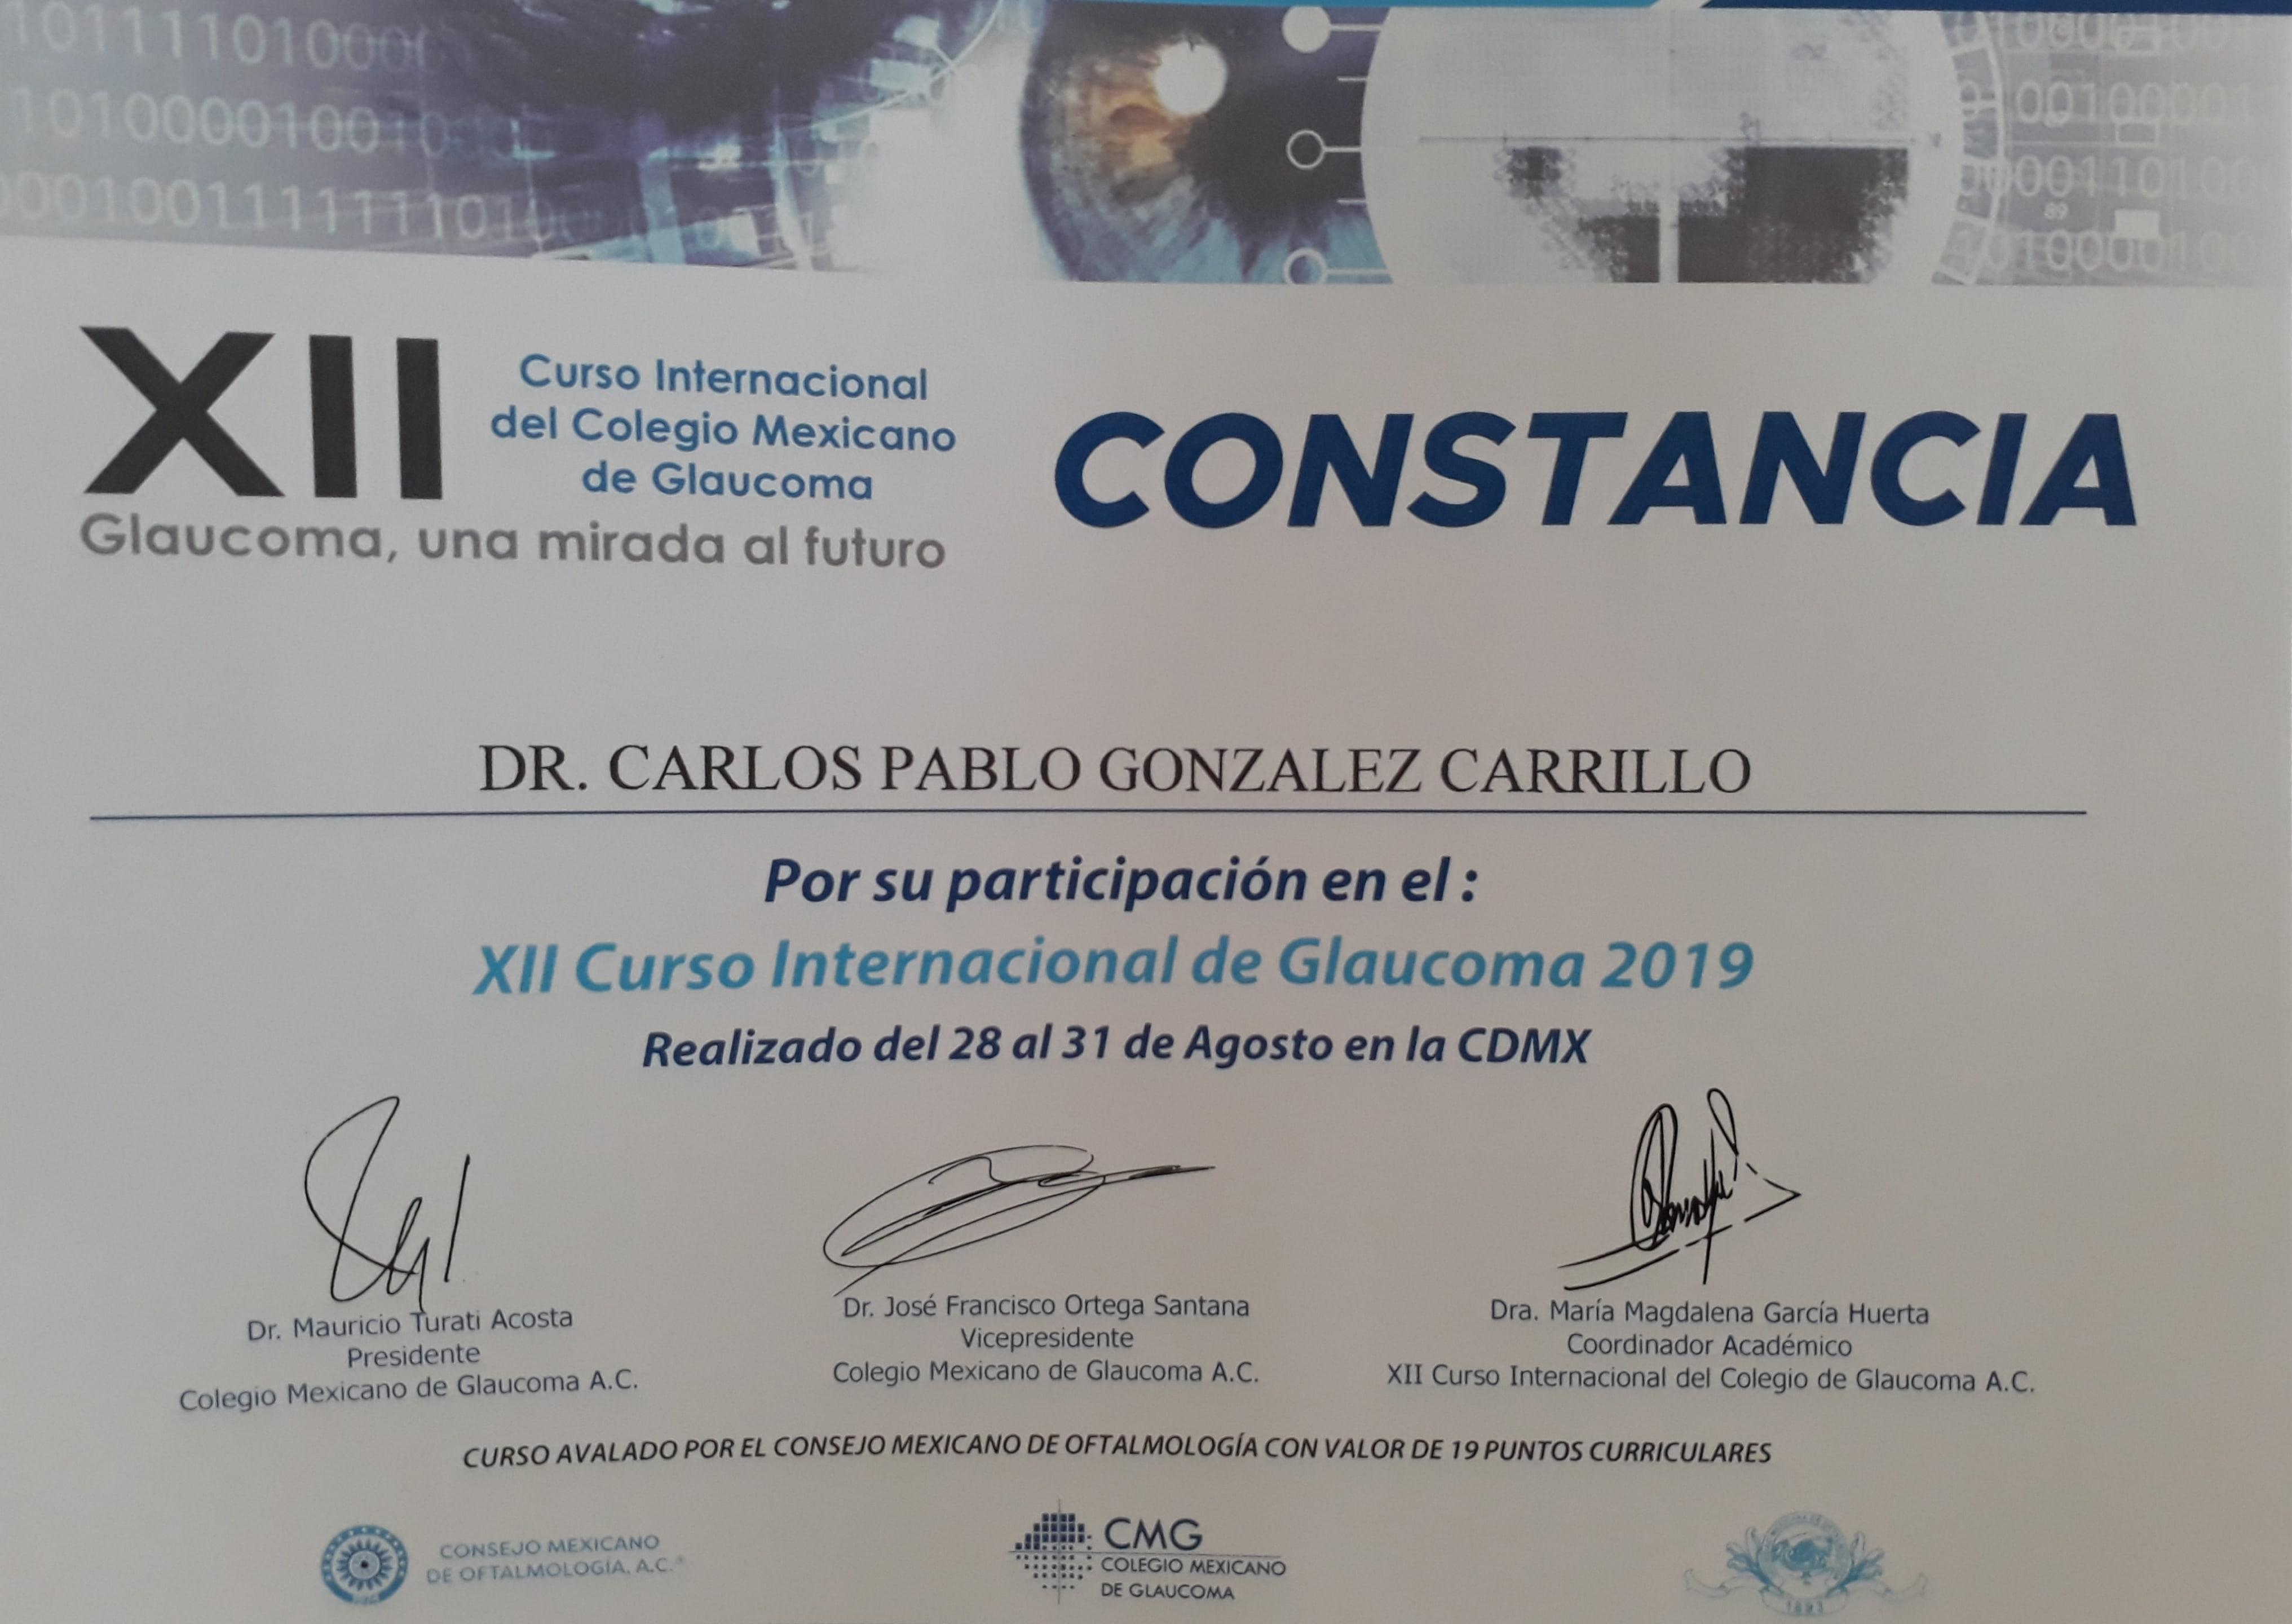 XII Curso Internacional de Glaucoma 2019